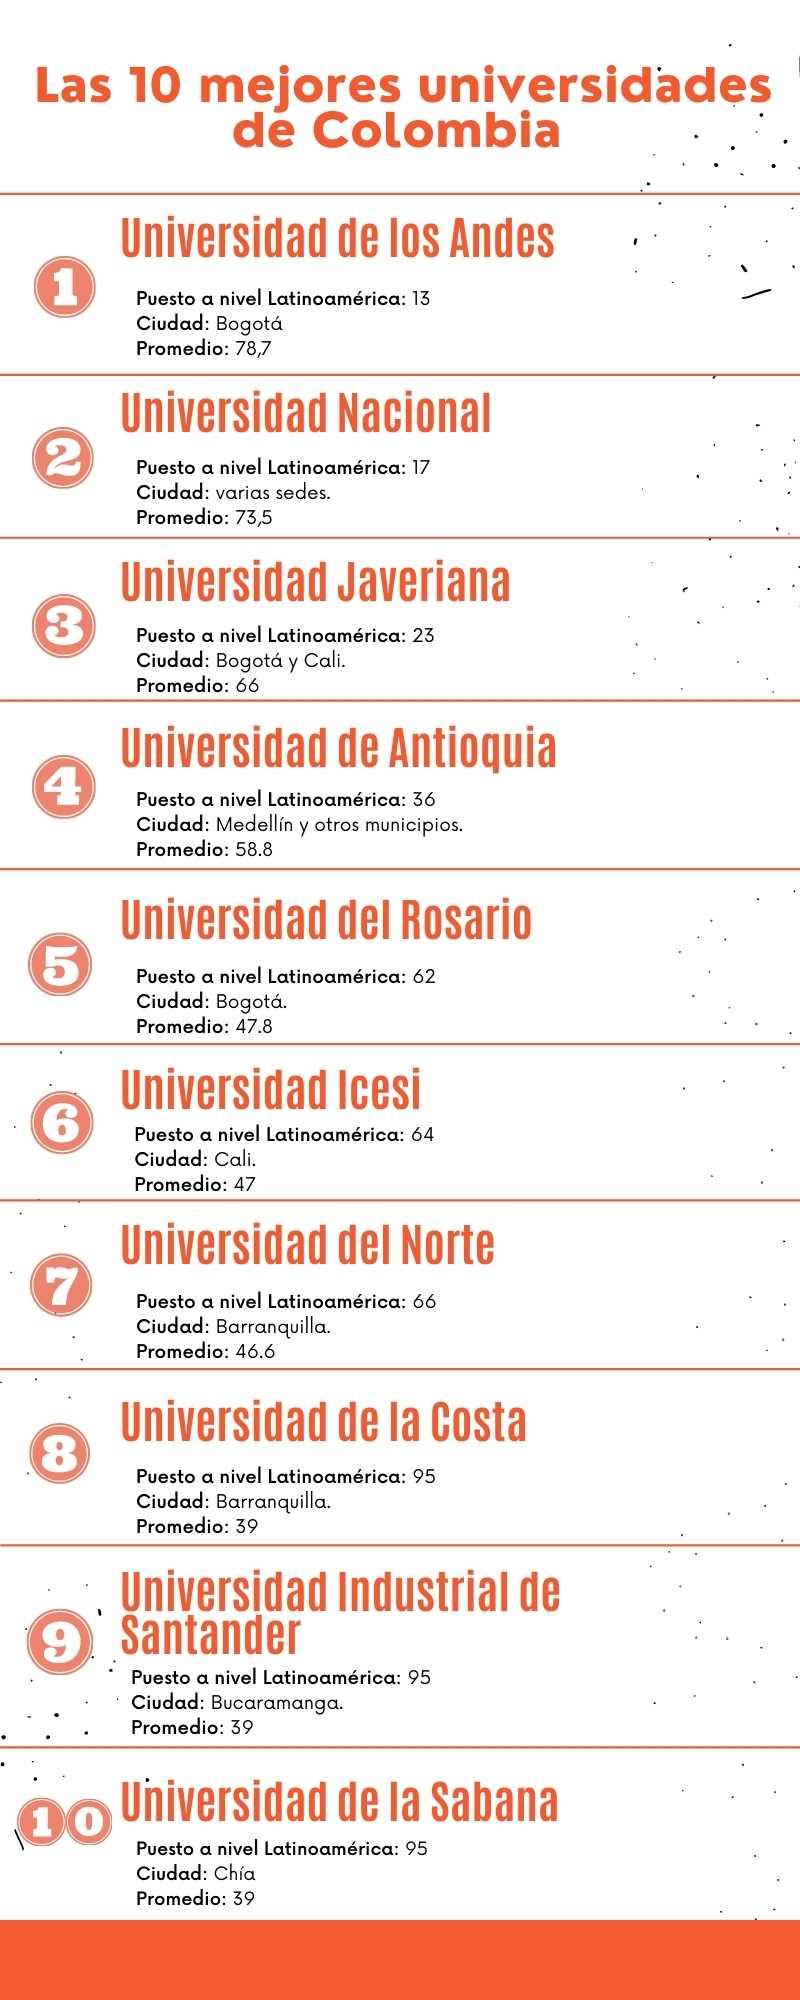 Las mejores universidades de Colombia según el ranking Times Higher Education